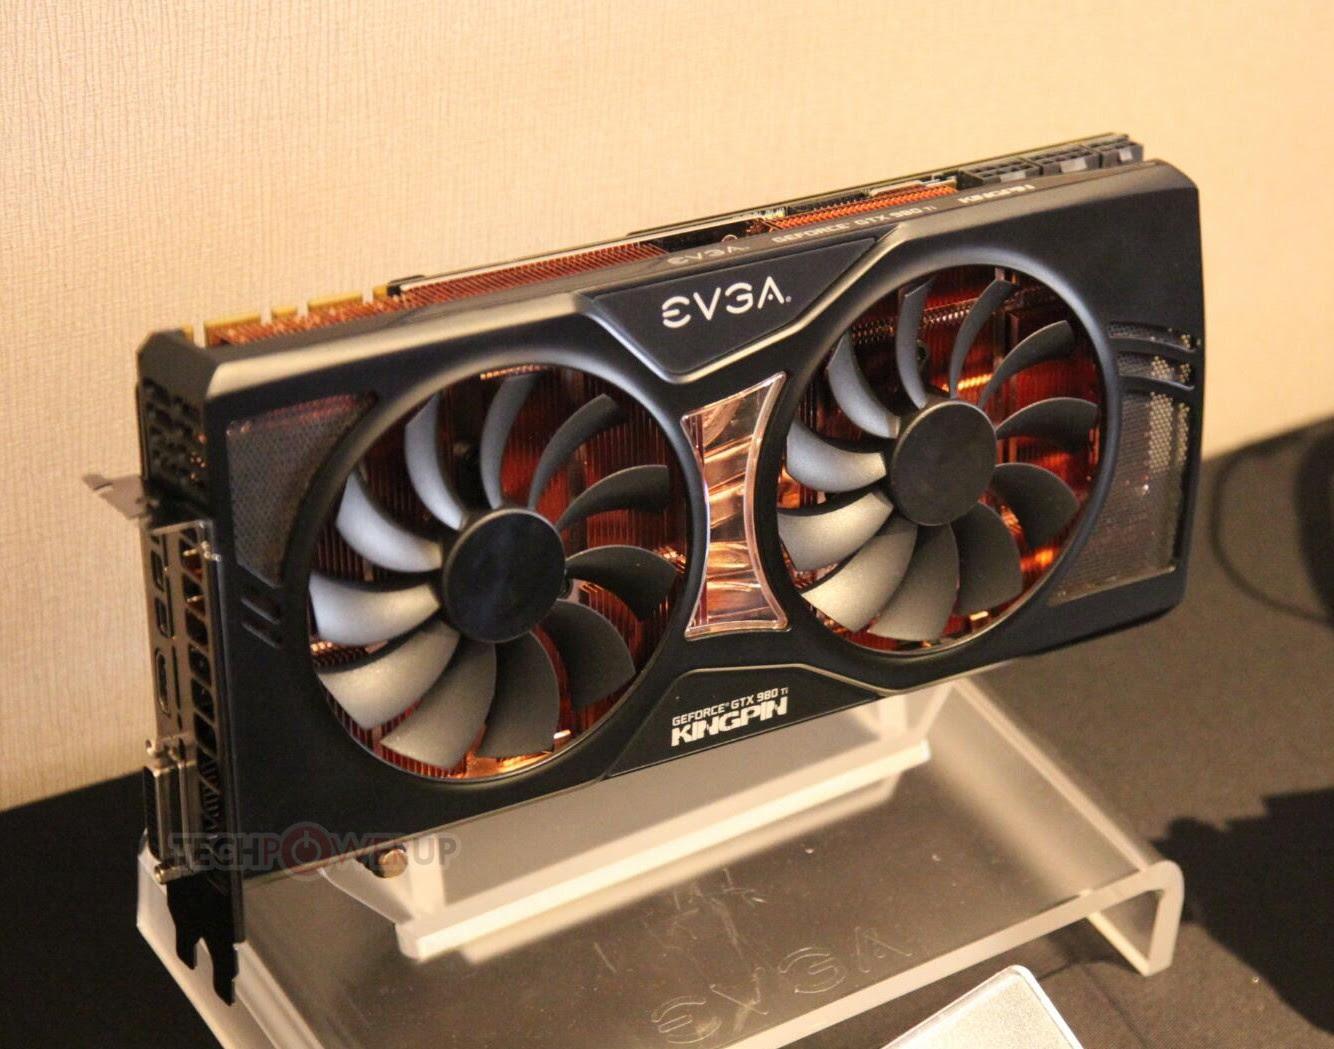 ZOTAC GeForce GTX 980 Ti AMP Extreme Starts Selling